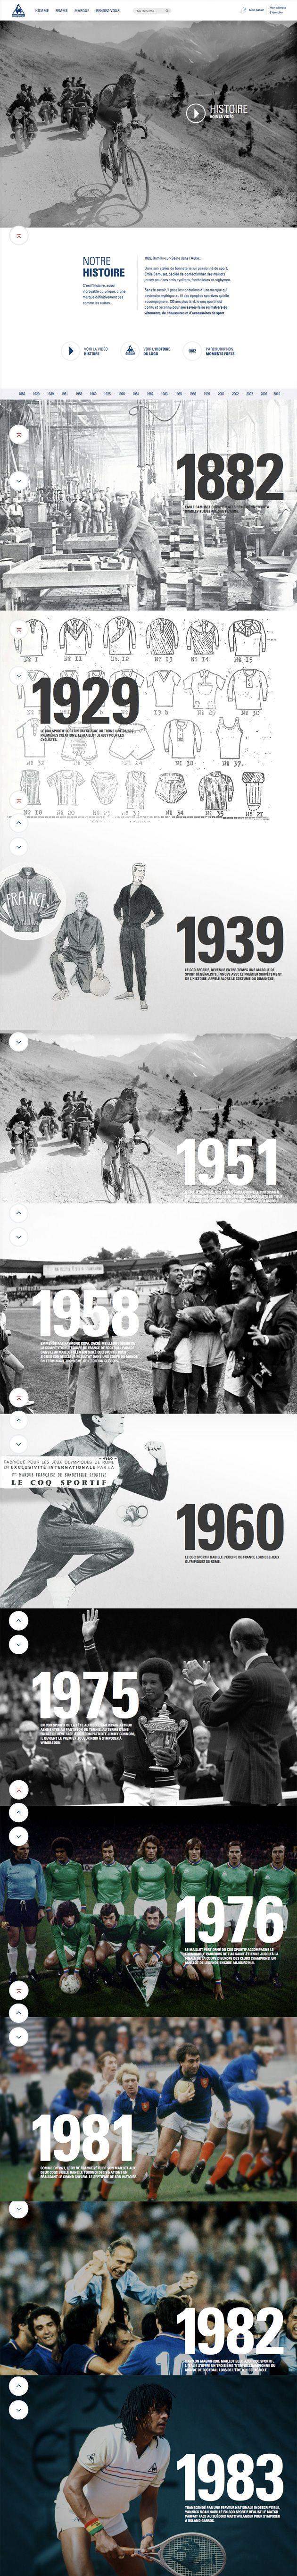 Le Coq Sportif | UZIK | Agence de communication interactive